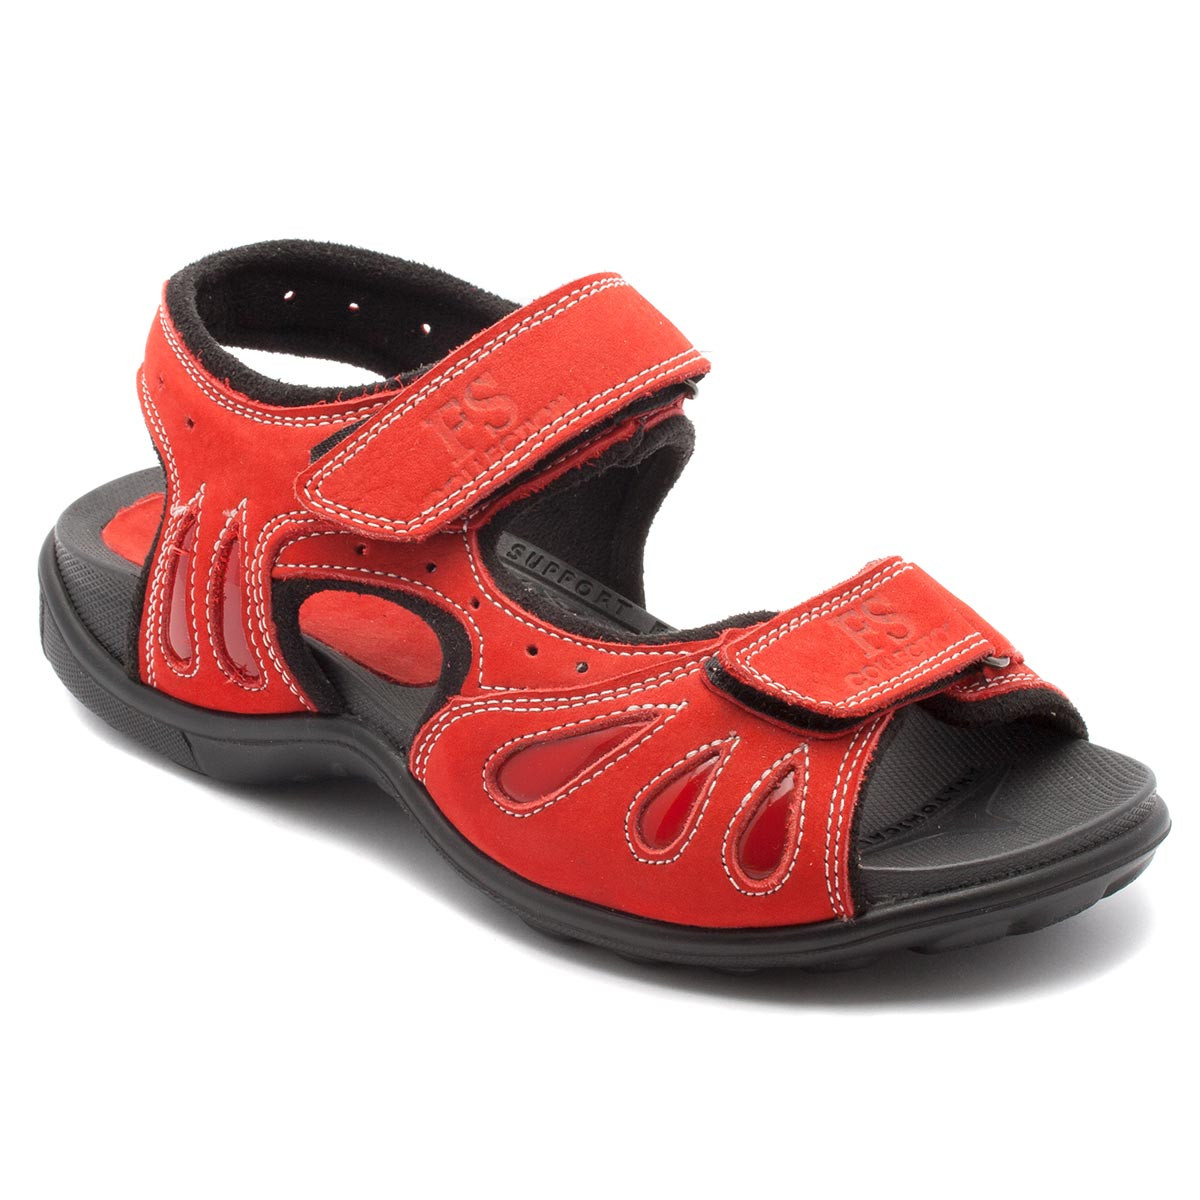 Спортивные сандалии FS Сollection для девочки, кожаные, размер 35-40